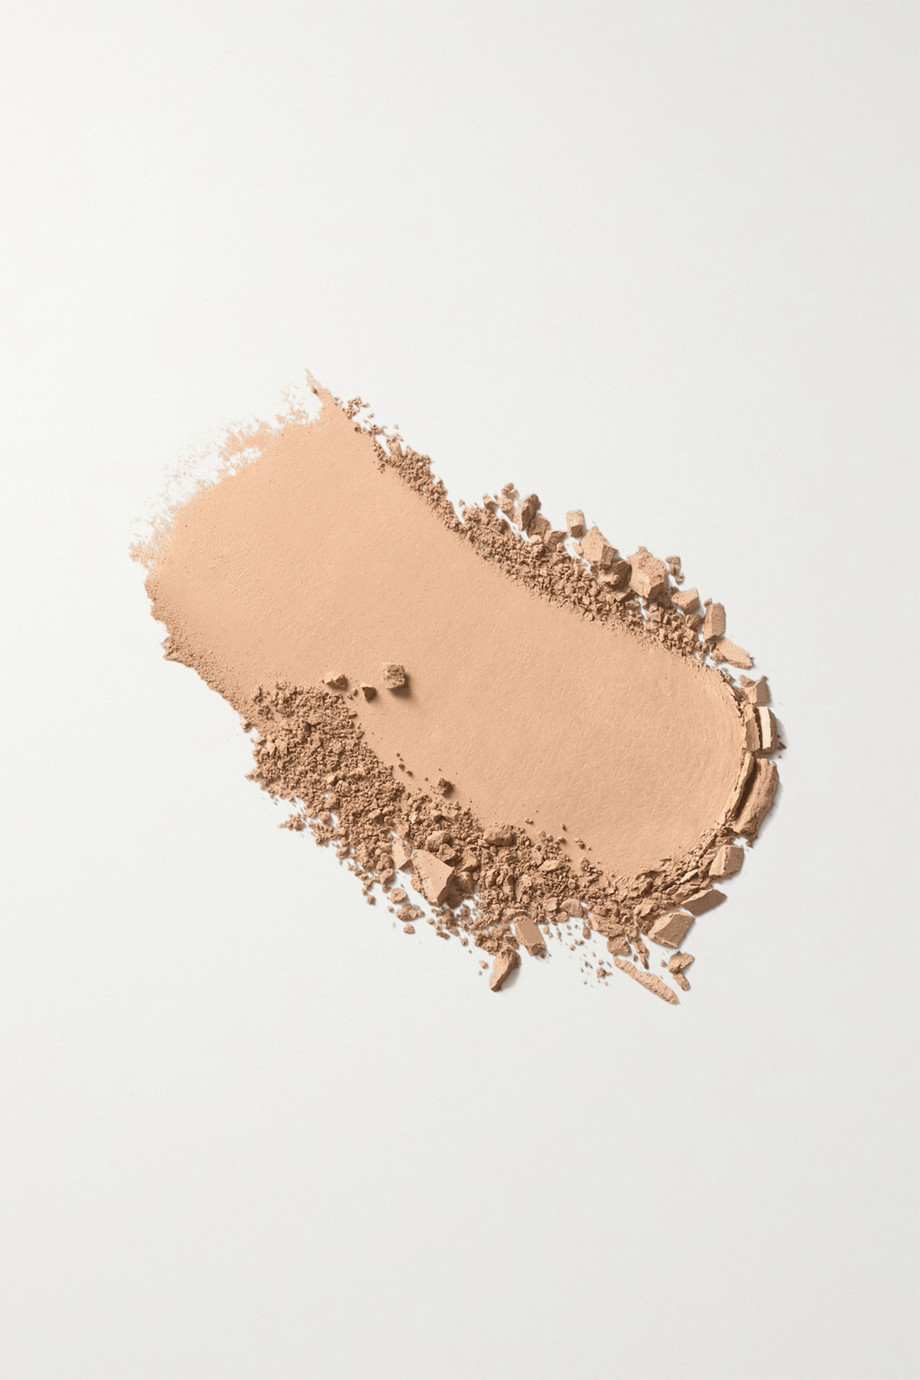 La Mer The Soft Moisture Powder Foundation SPF30 Refill - Pearl